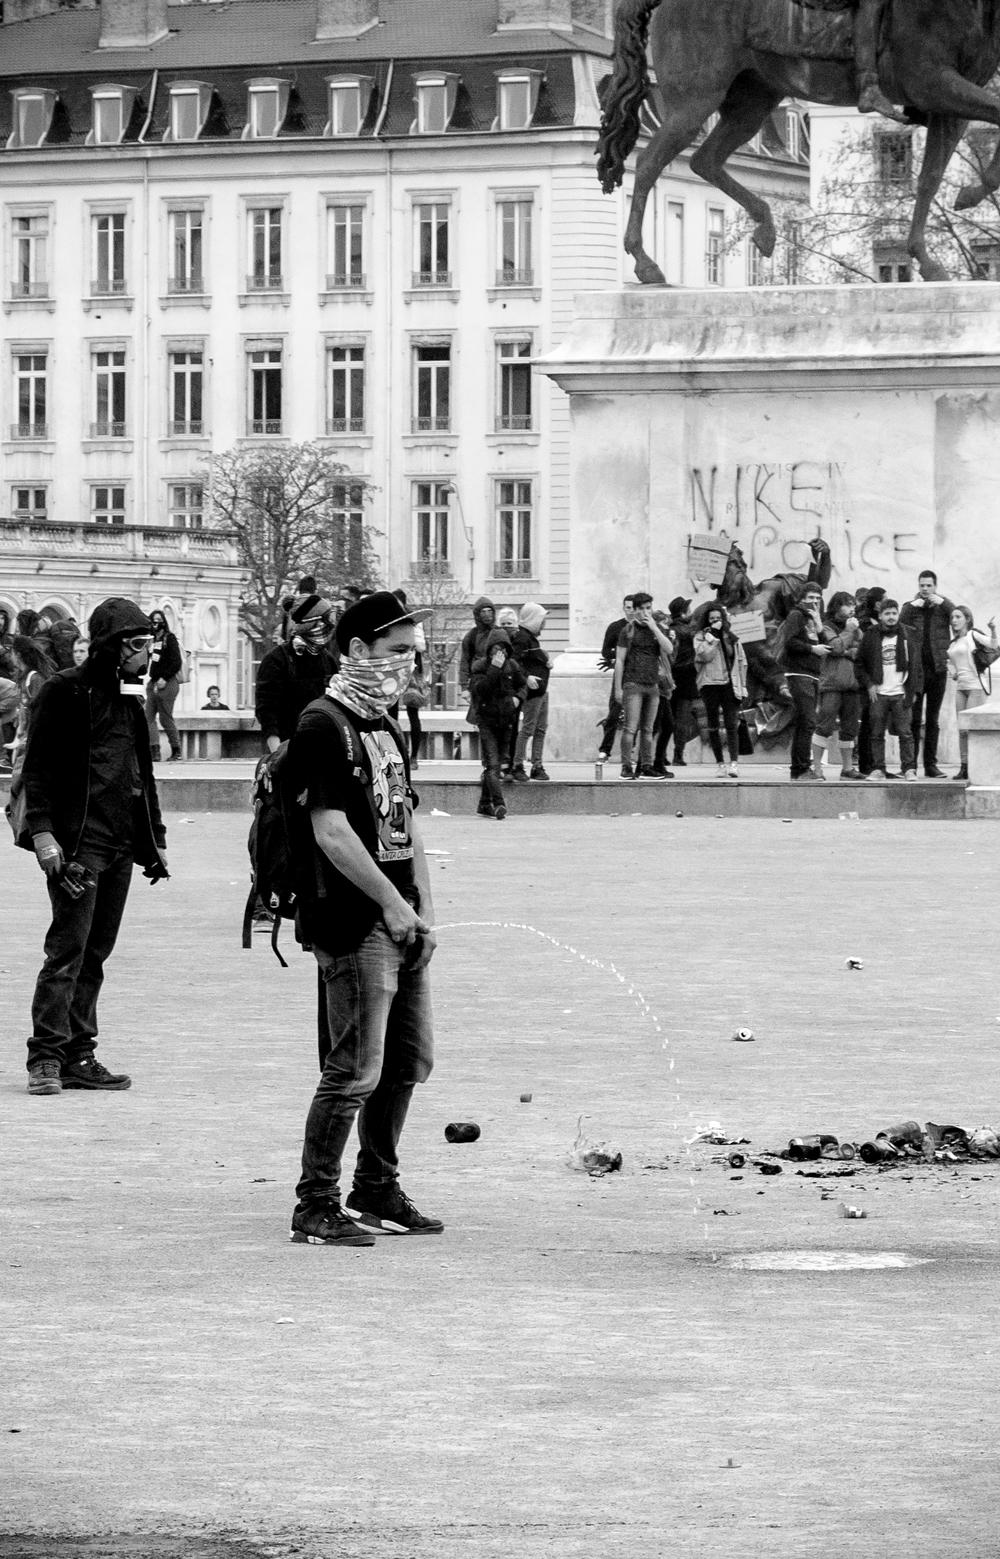 manifestation-loi-travail-31-mars-2016_25558181103_o.jpg